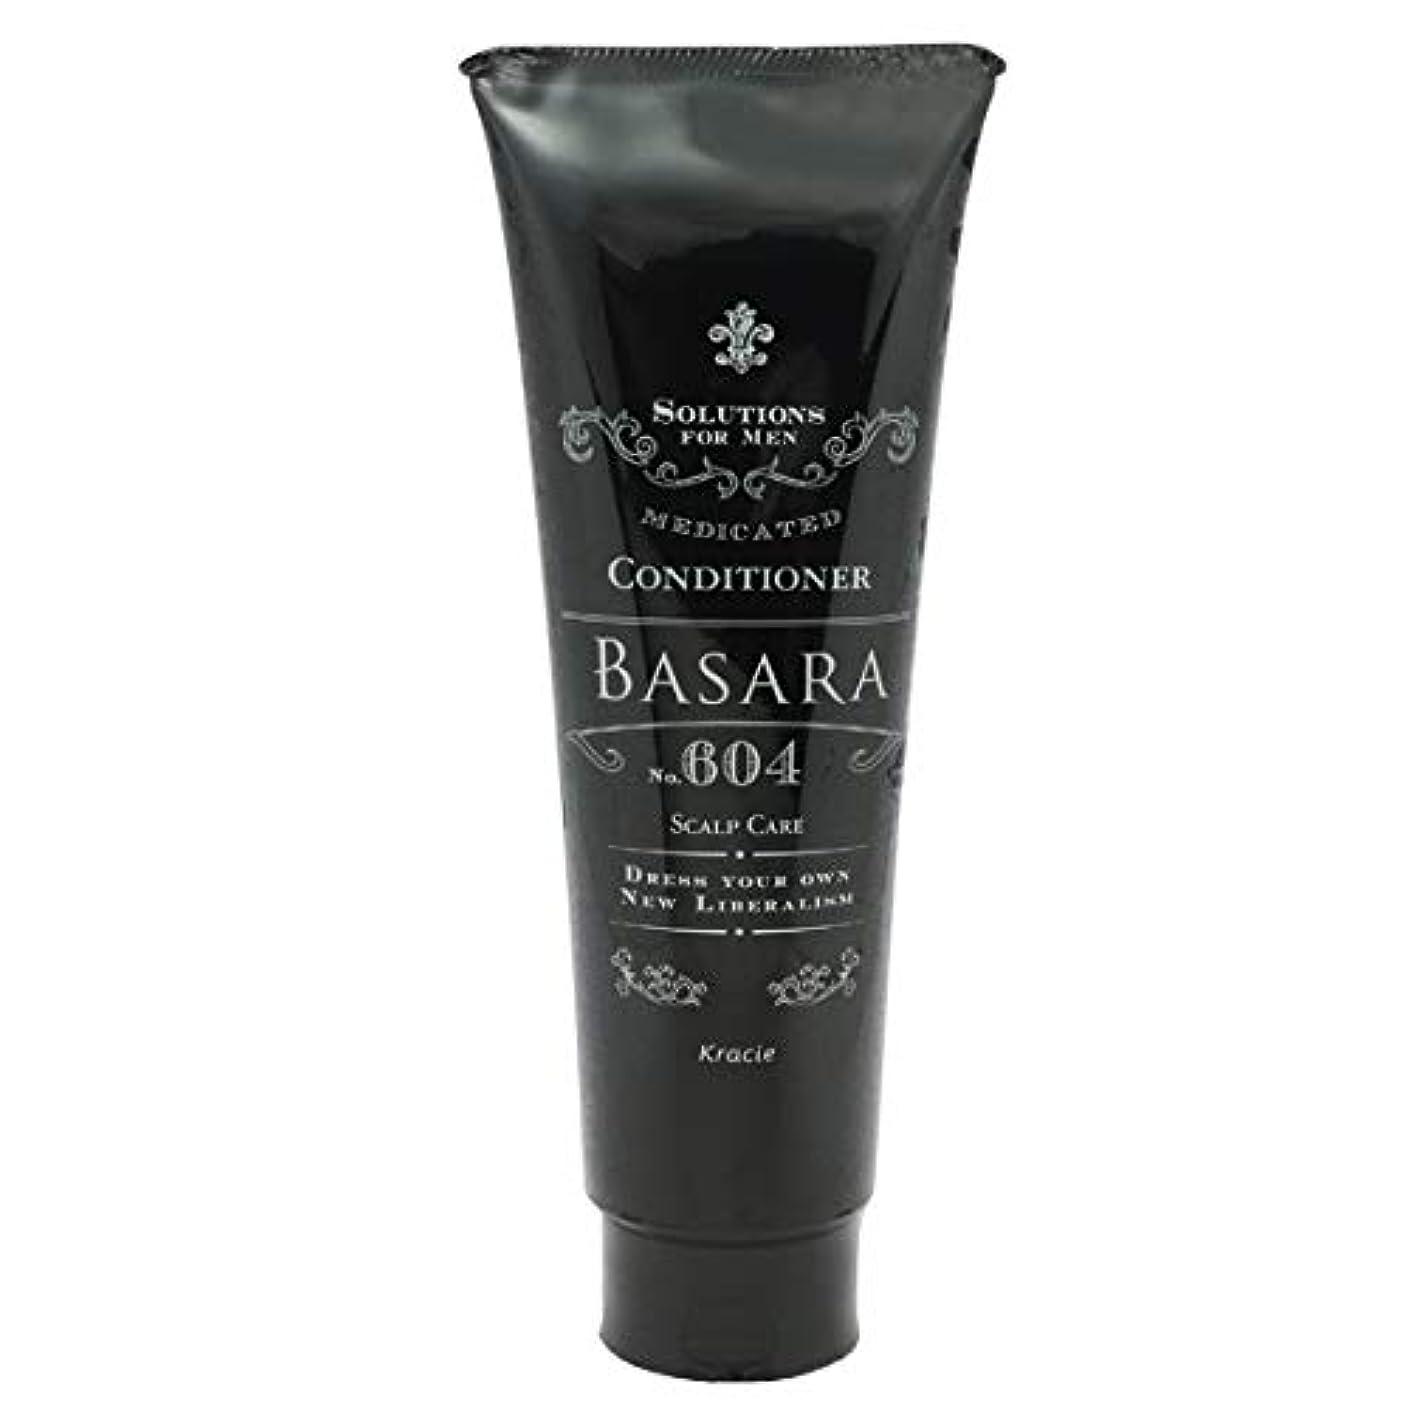 可動セージ暴露するサロンモード(Salon Mode) クラシエ バサラ 薬用スカルプ コンディショナー 604 250g